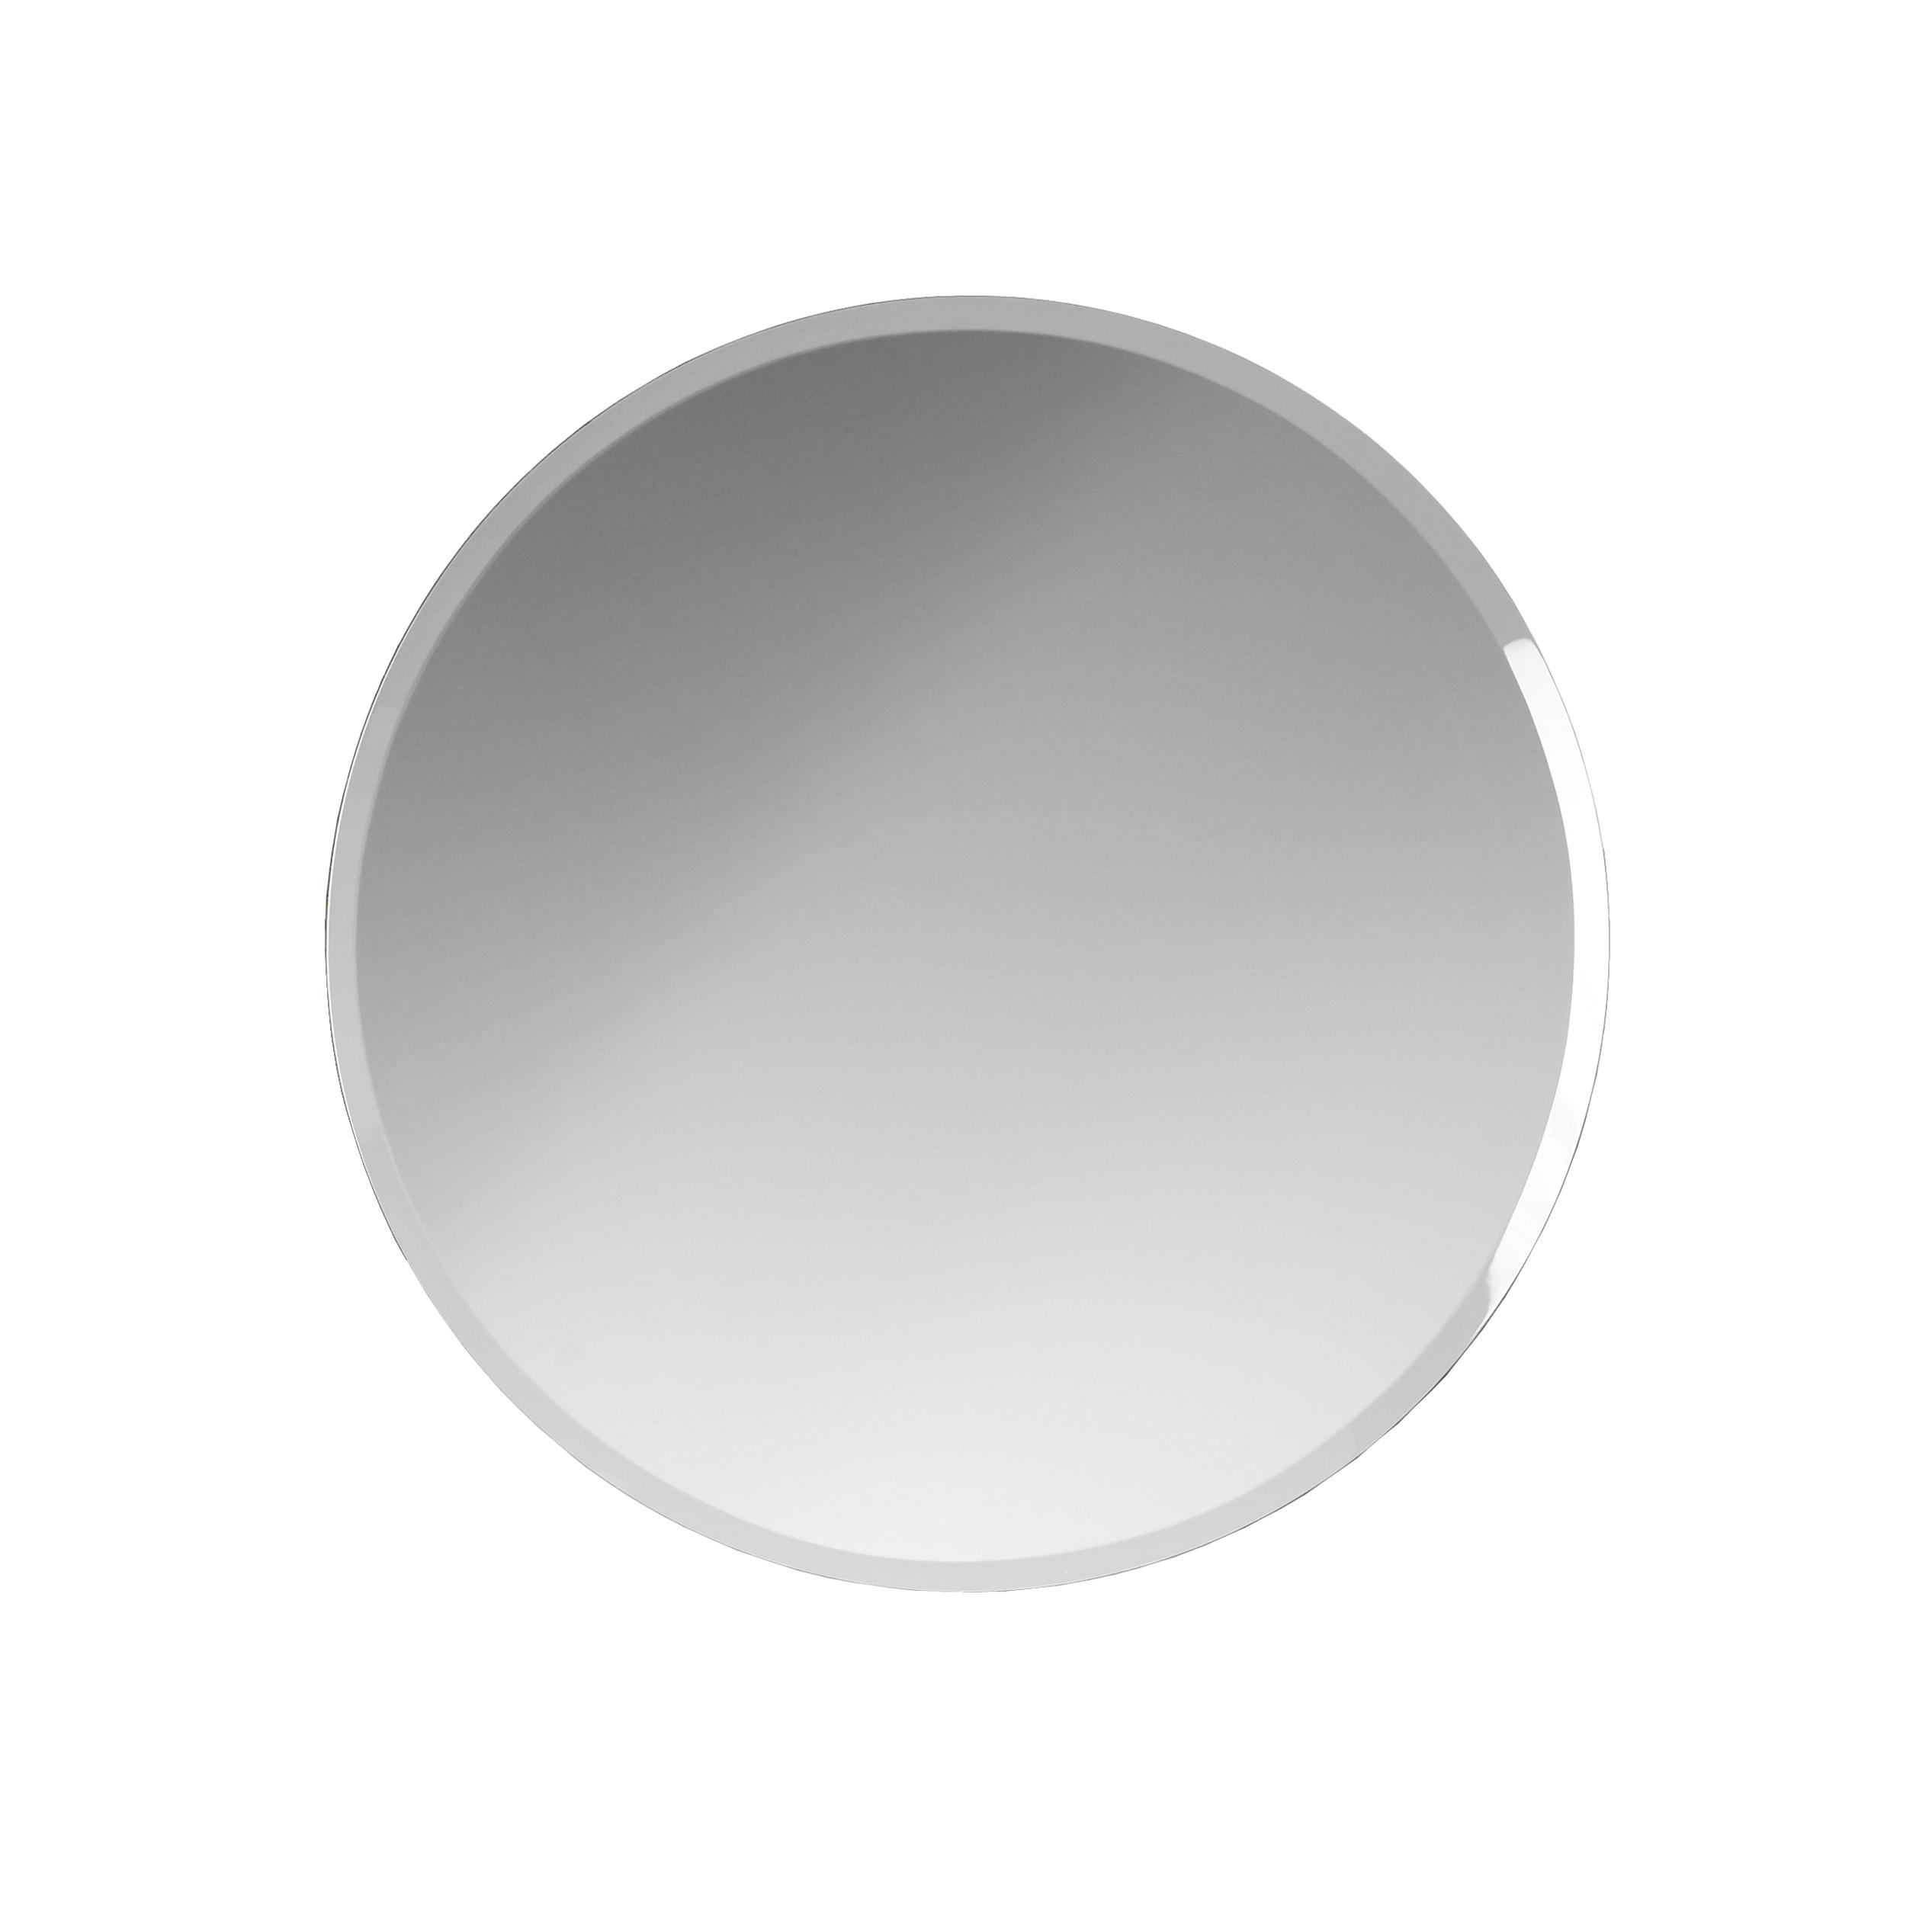 Jokey Facettenspiegel / Kristallglasspiegel Rondo 45-F12 rund Ø 45cm Bild 1